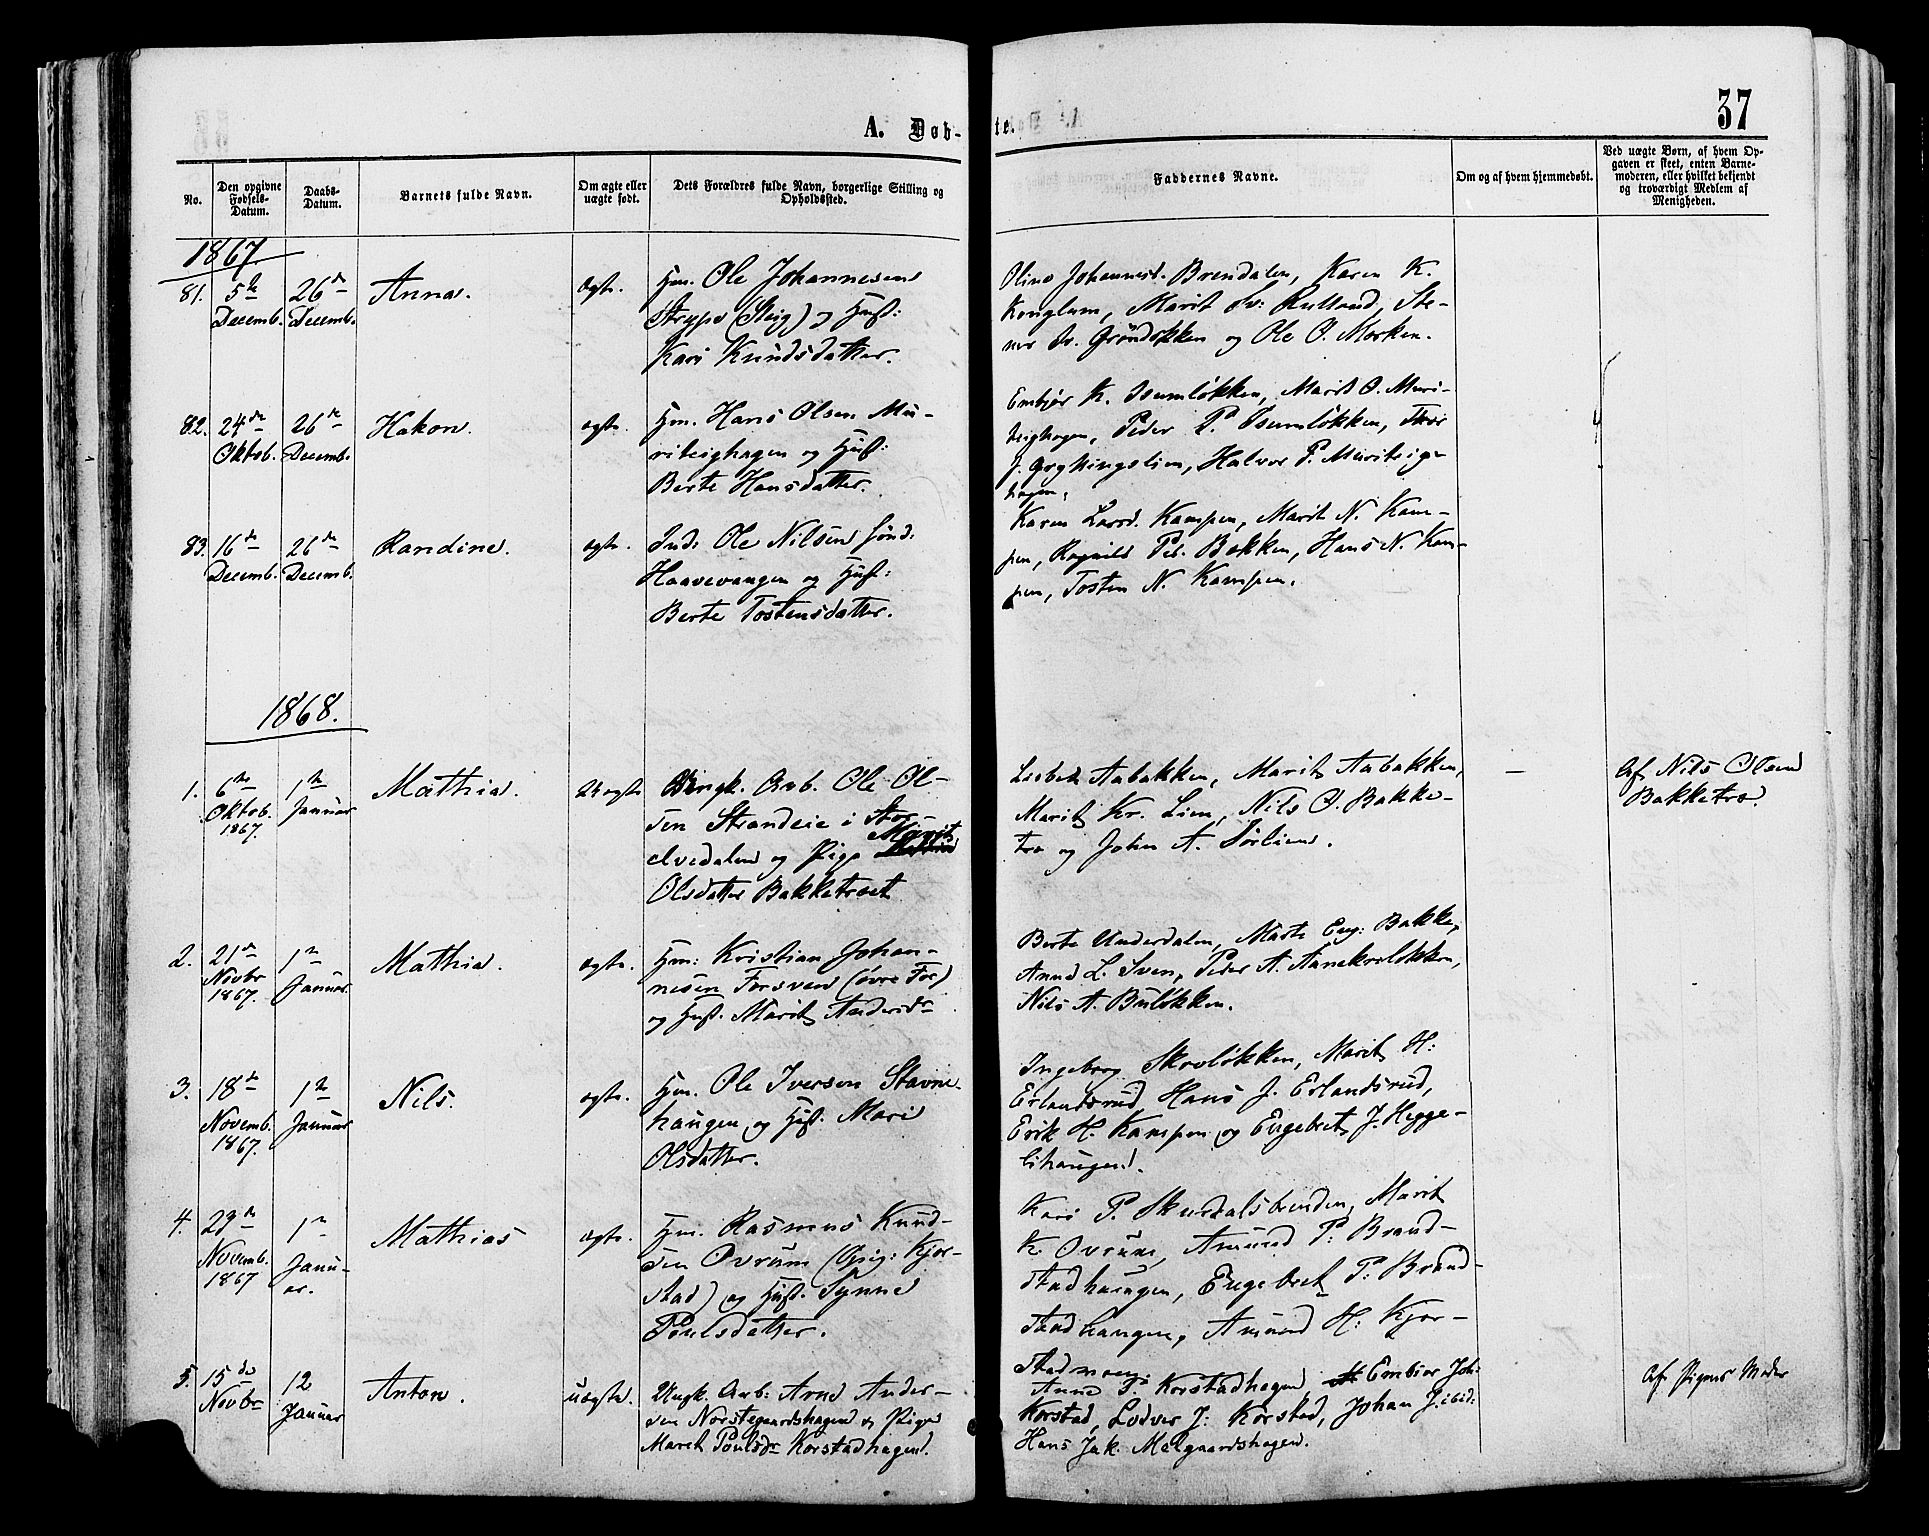 SAH, Sør-Fron prestekontor, H/Ha/Haa/L0002: Ministerialbok nr. 2, 1864-1880, s. 37